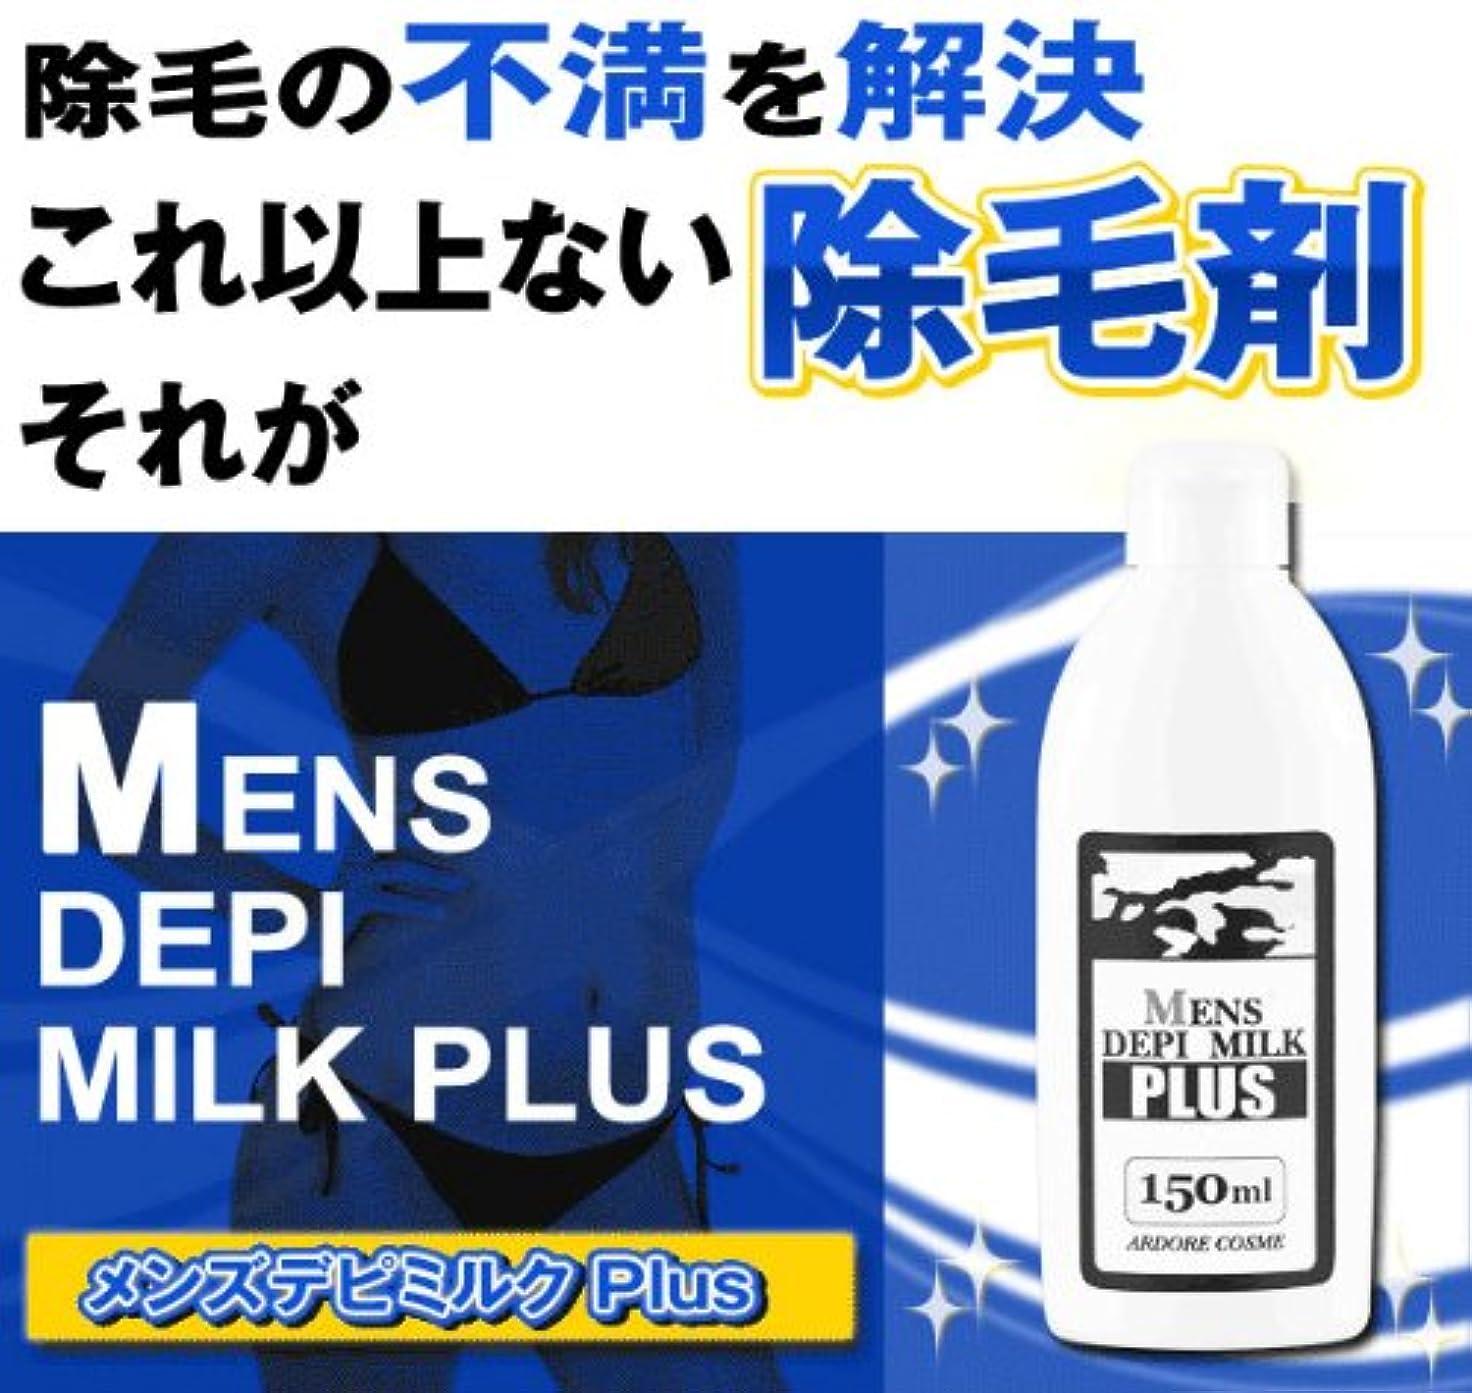 メンバー長老測定薬用メンズデピミルクプラス 150ml(薬用除毛クリーム)医薬部外品